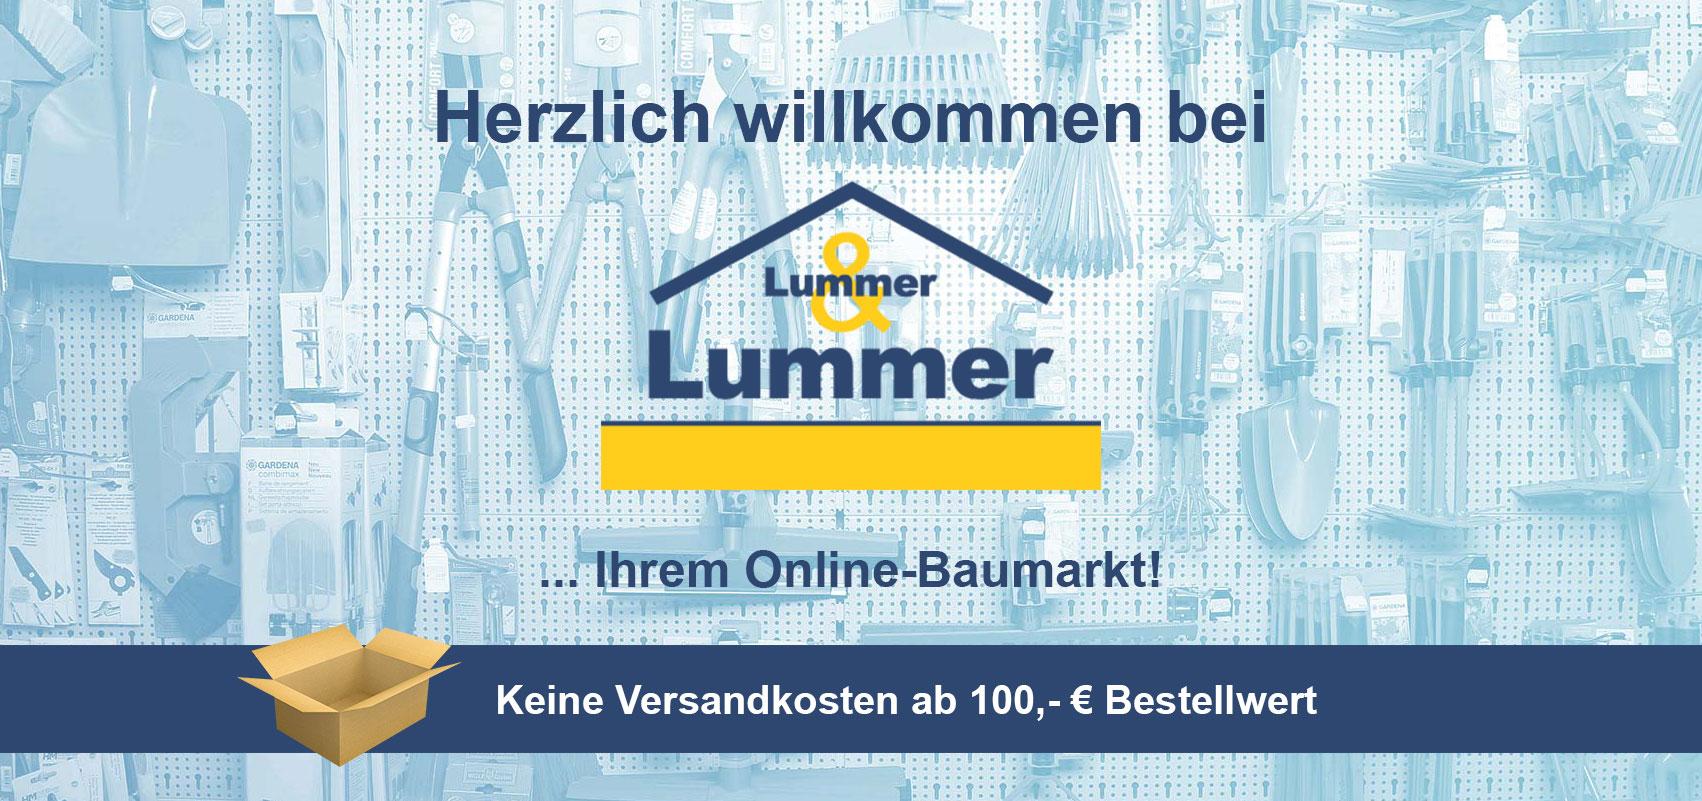 Herzlich willkommen bei Lummer Baumarkt! Keine Versandkosten ab 100 Euro Bestellwert.